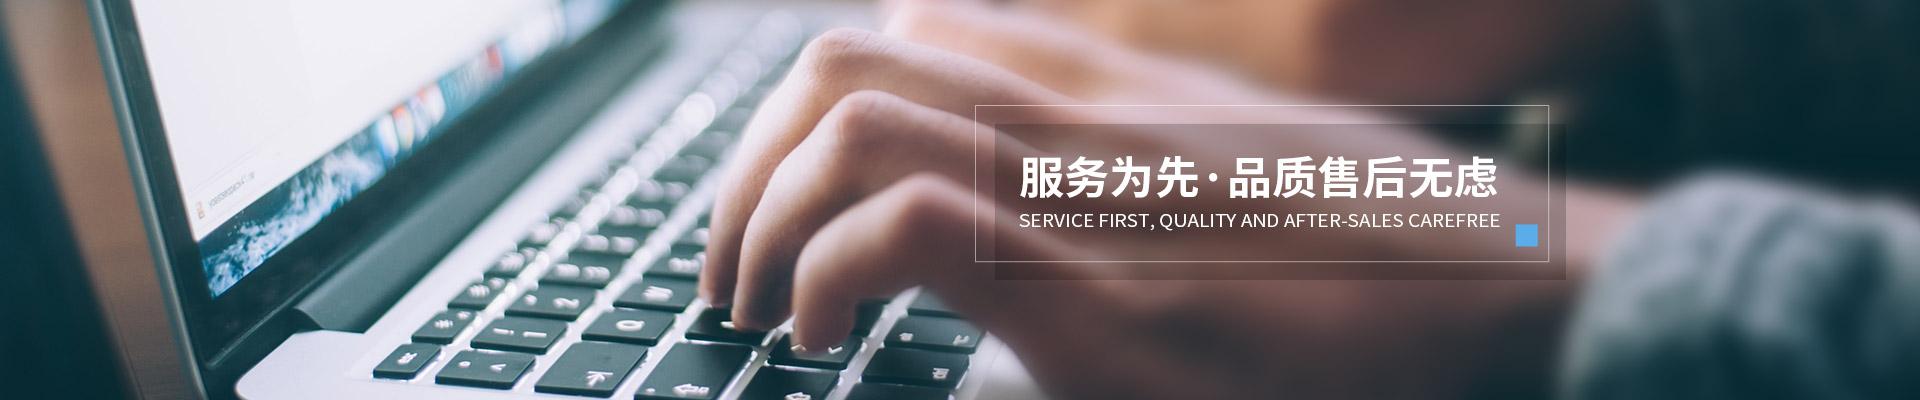 云南小龍文化傳播有限公司公司介紹